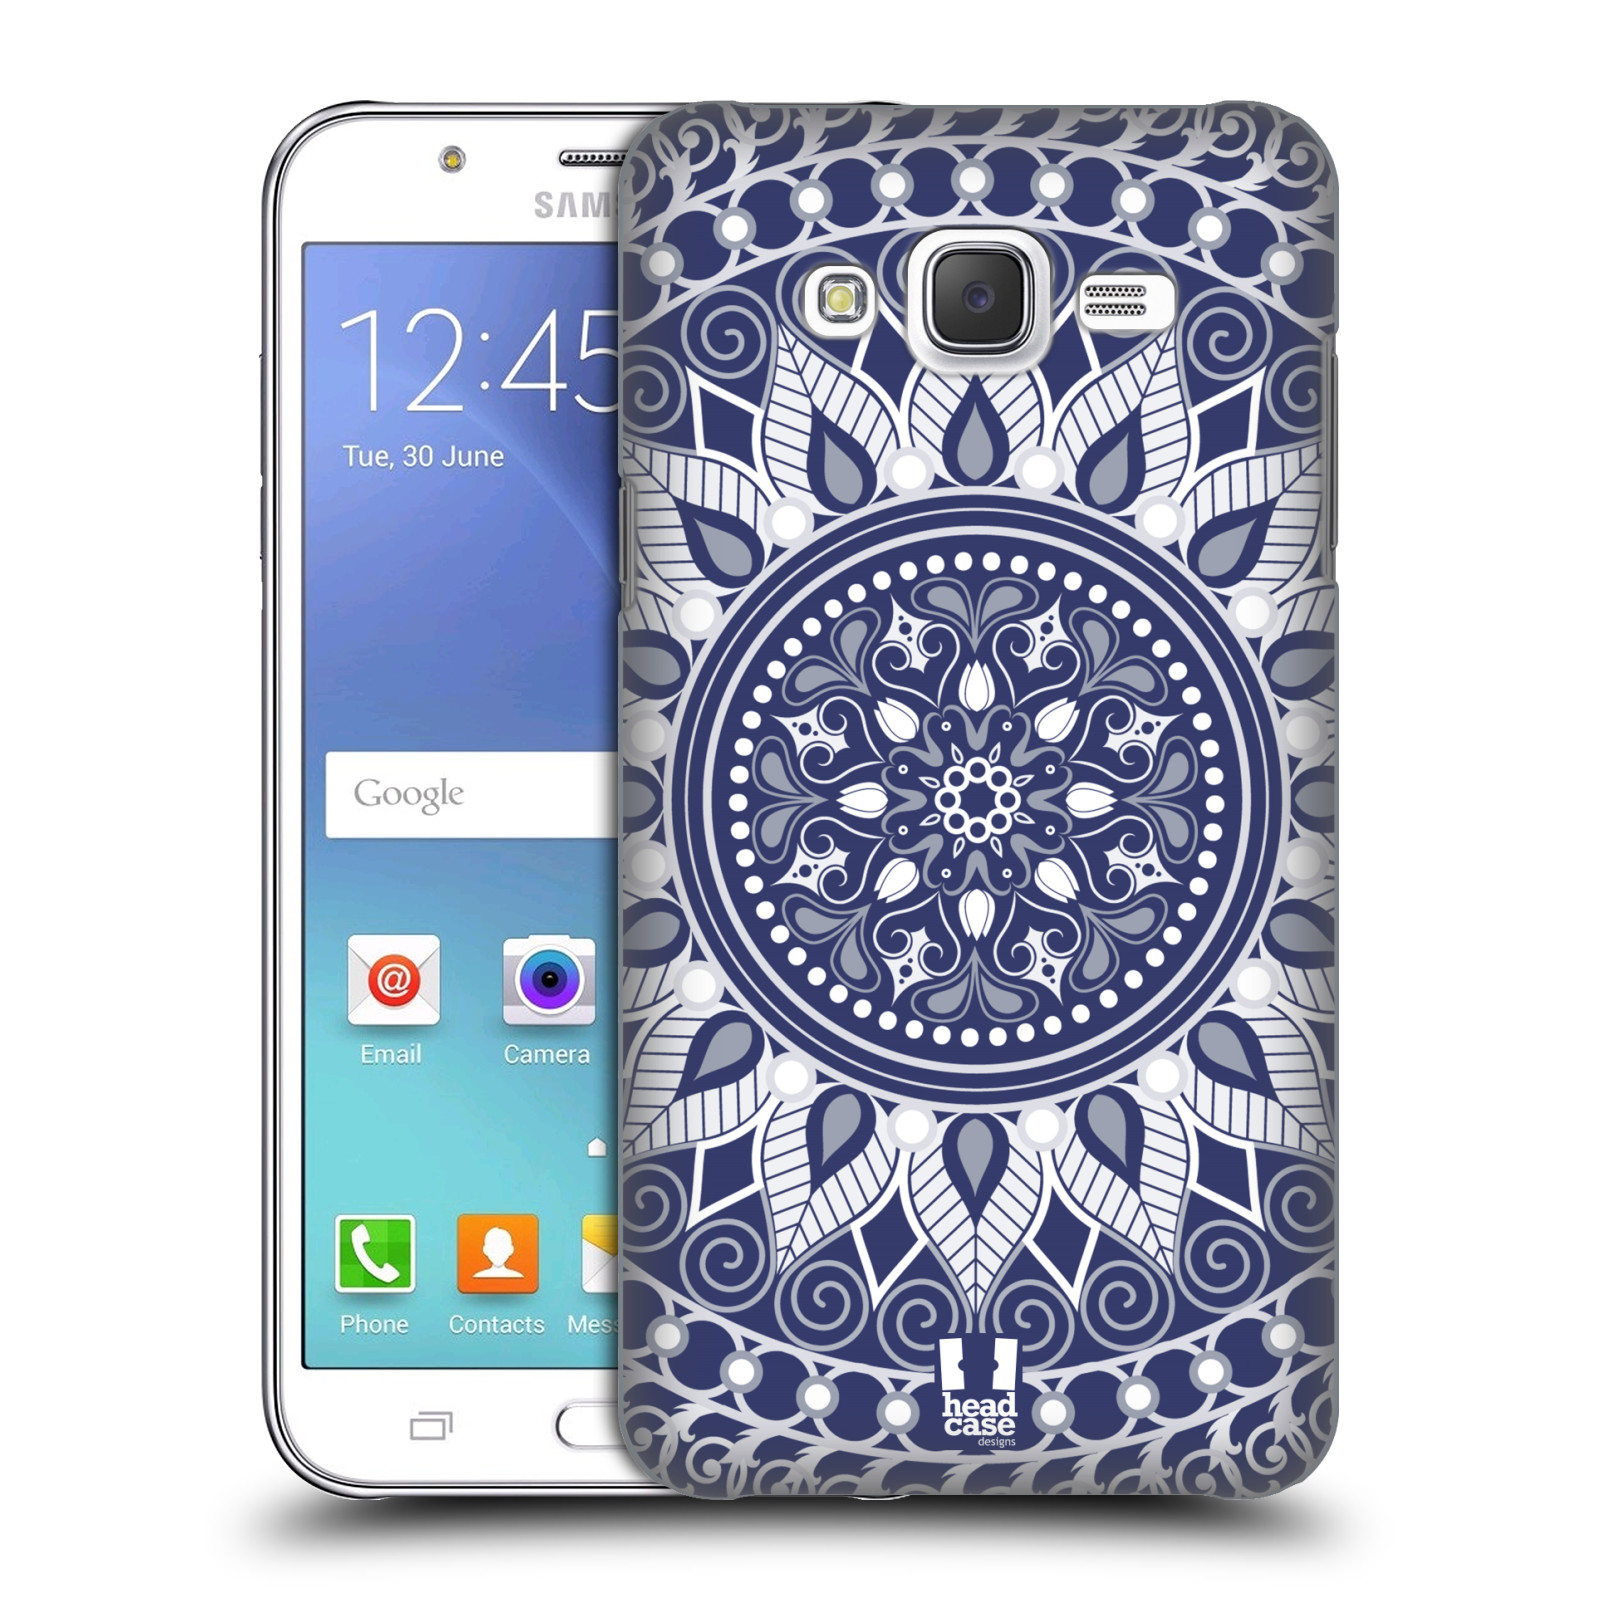 HEAD CASE plastový obal na mobil SAMSUNG Galaxy J5, J500 vzor Indie Mandala slunce barevný motiv MODRÁ